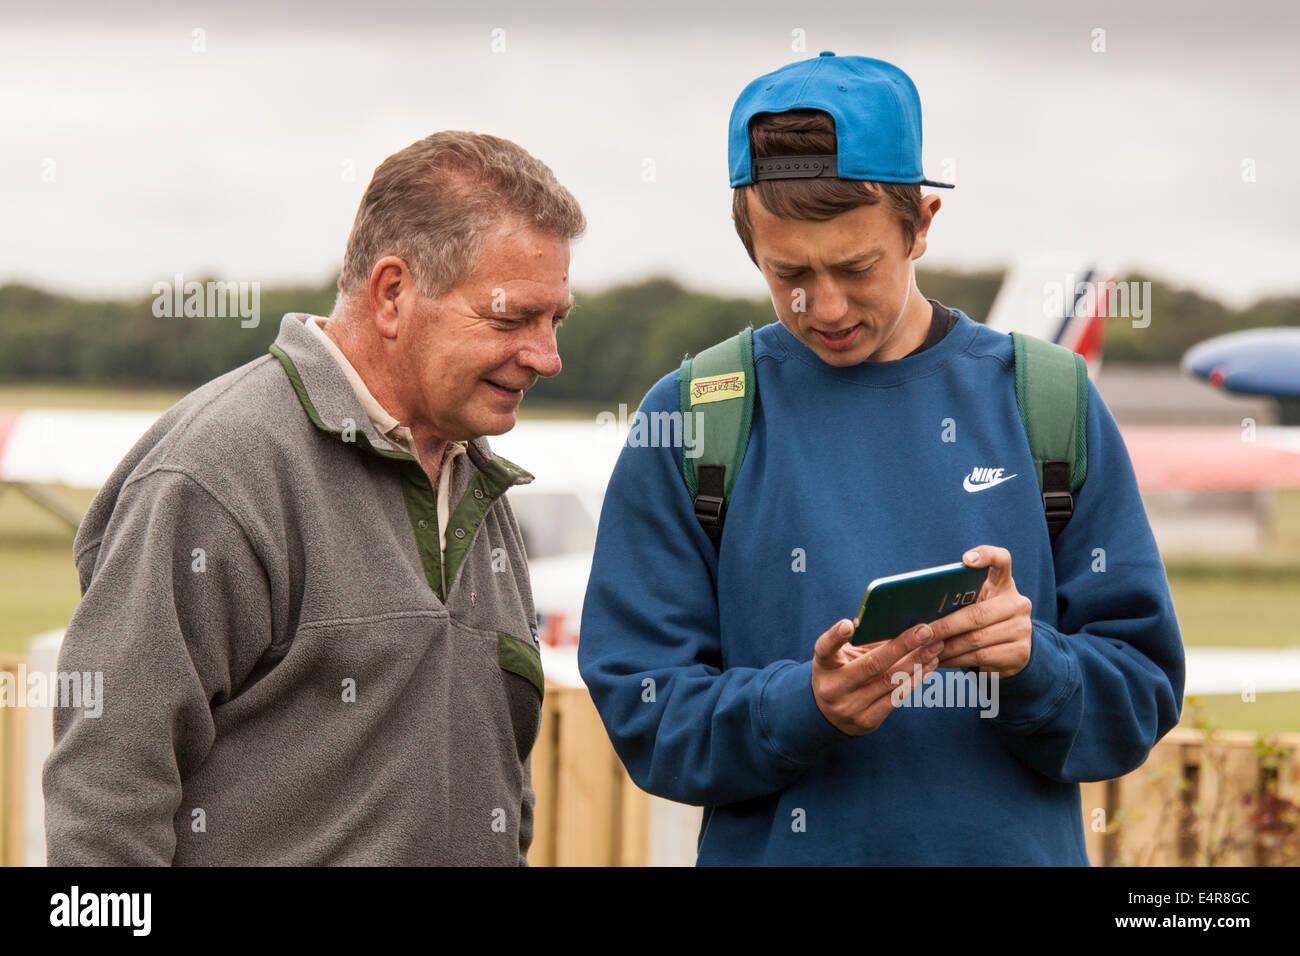 Los jóvenes adultos que muestra la foto que acaba de tener en su iphone. Imagen De Stock